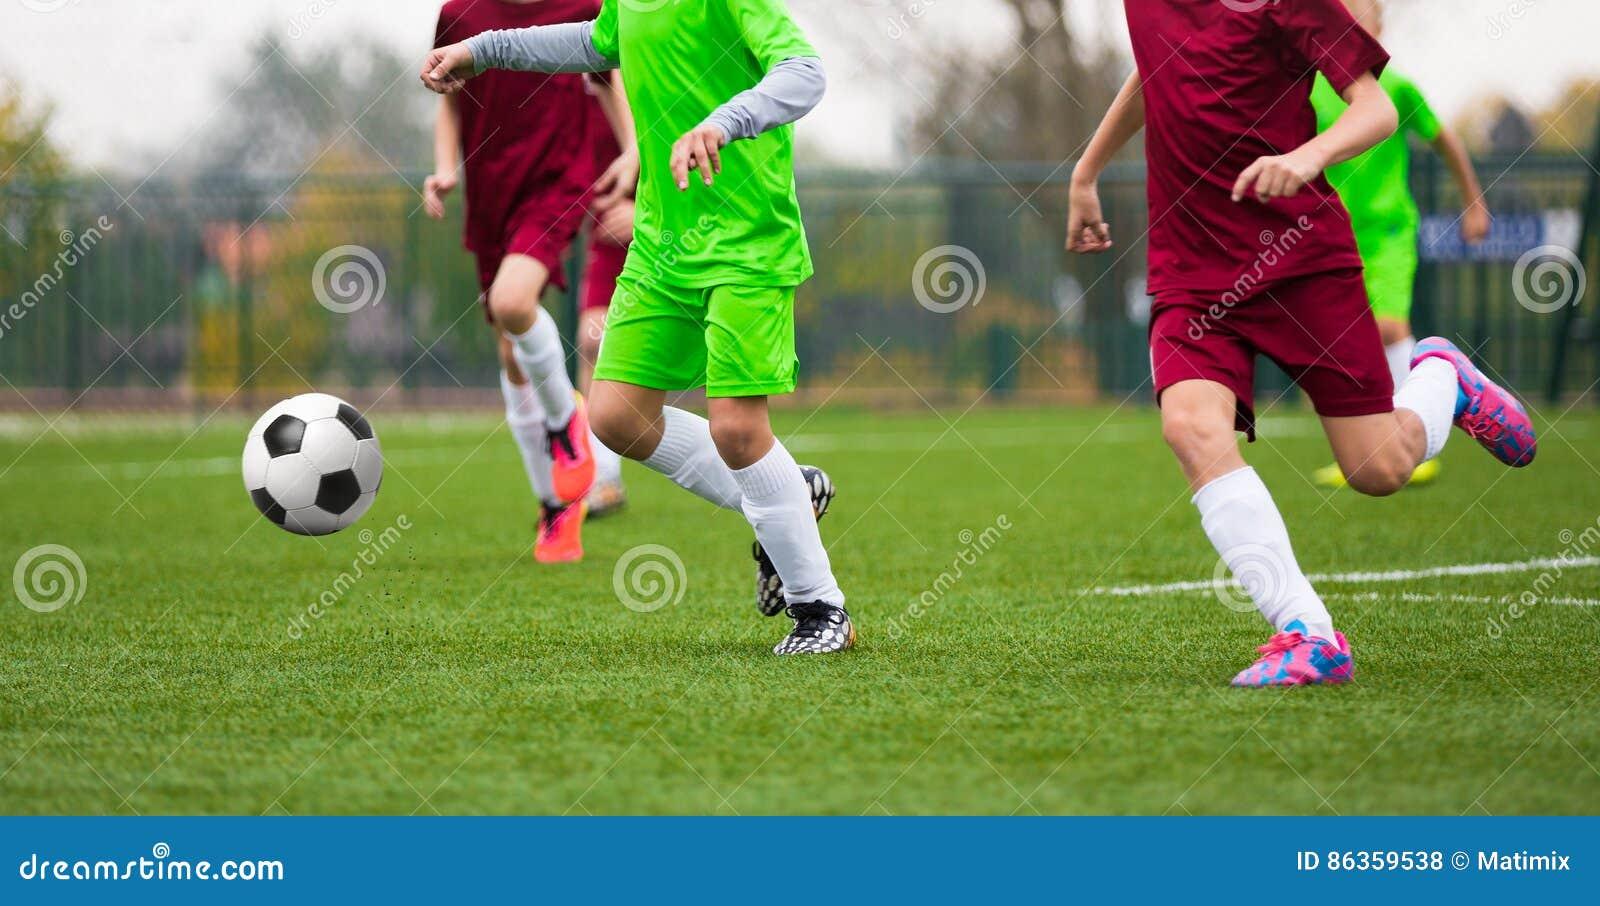 Immagini Di Calcio Per Bambini : Partita di calcio di calcio per i bambini bambini che giocano a